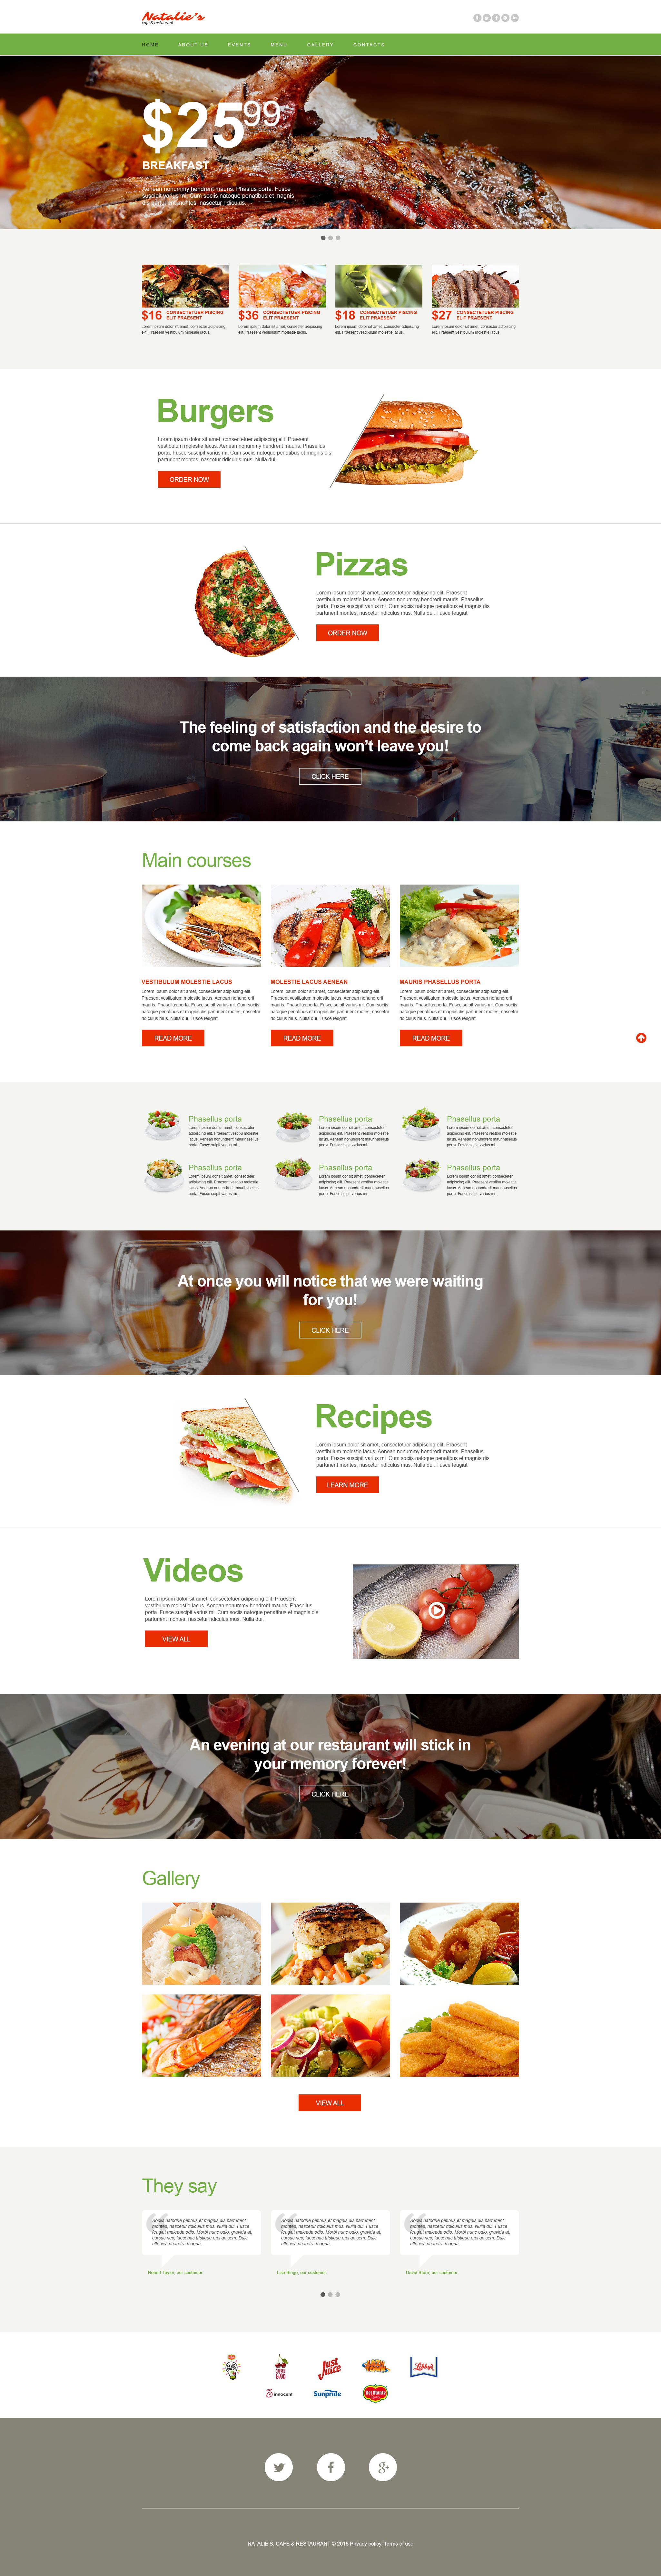 Muse шаблон №54781 на тему кафе и ресторан - скриншот